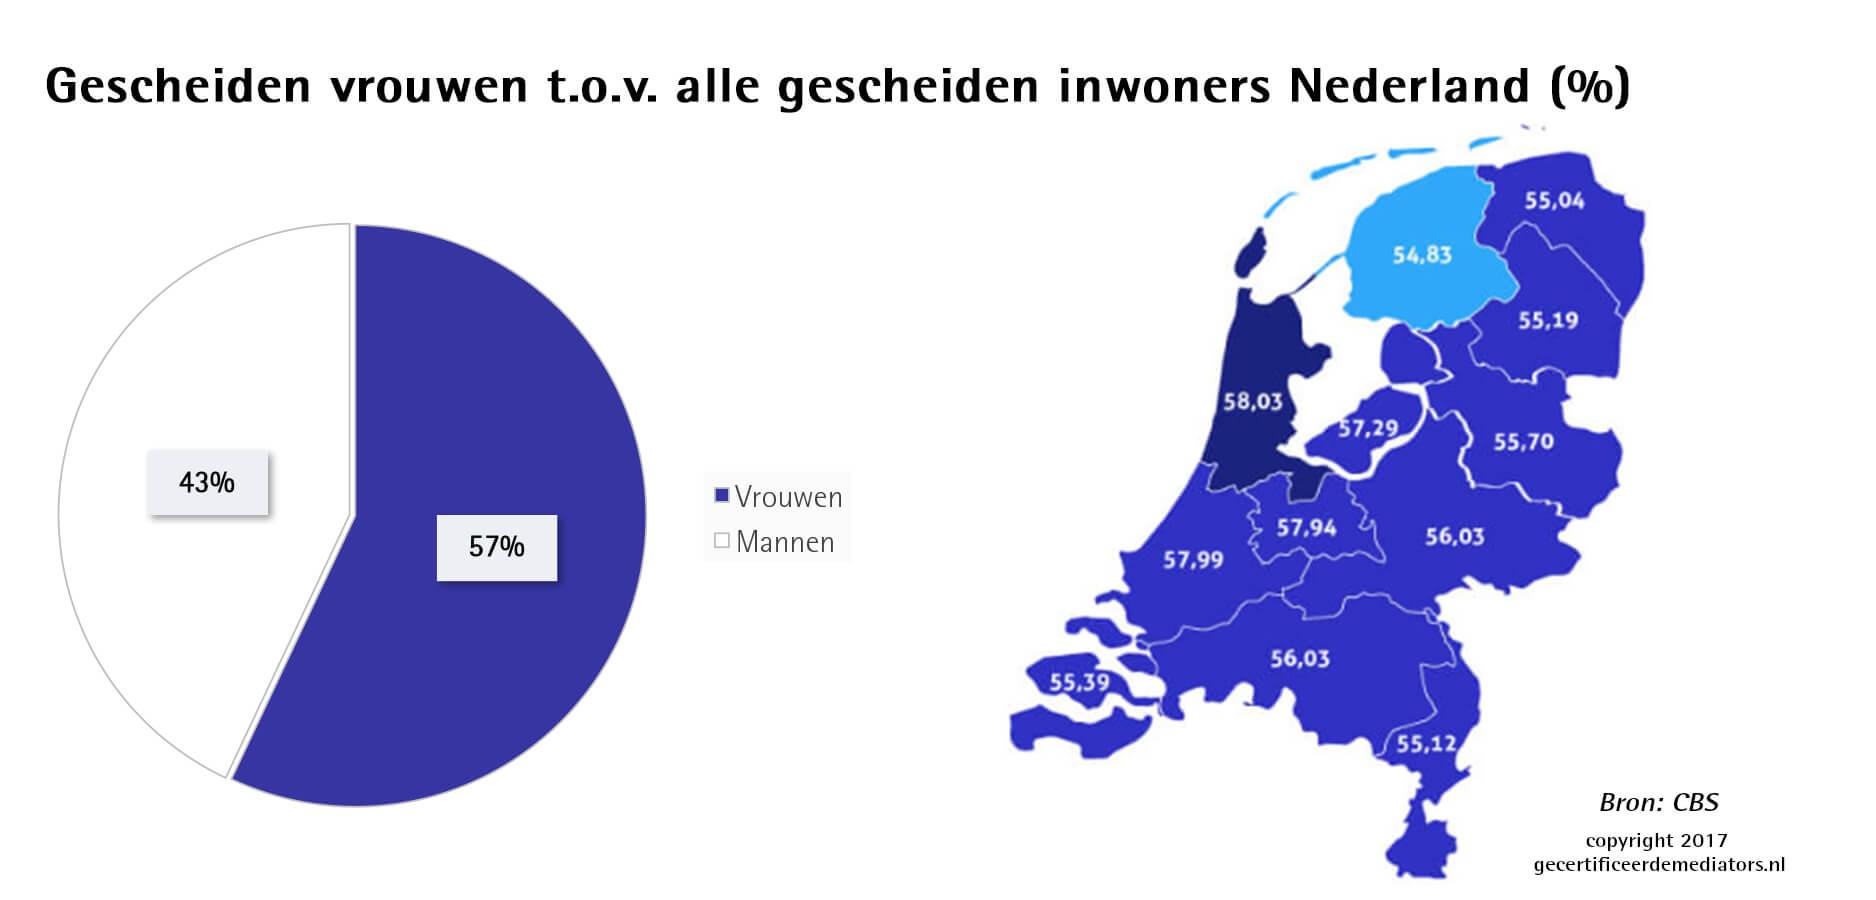 Gescheiden vrouwen tov alle gescheiden nederlanders